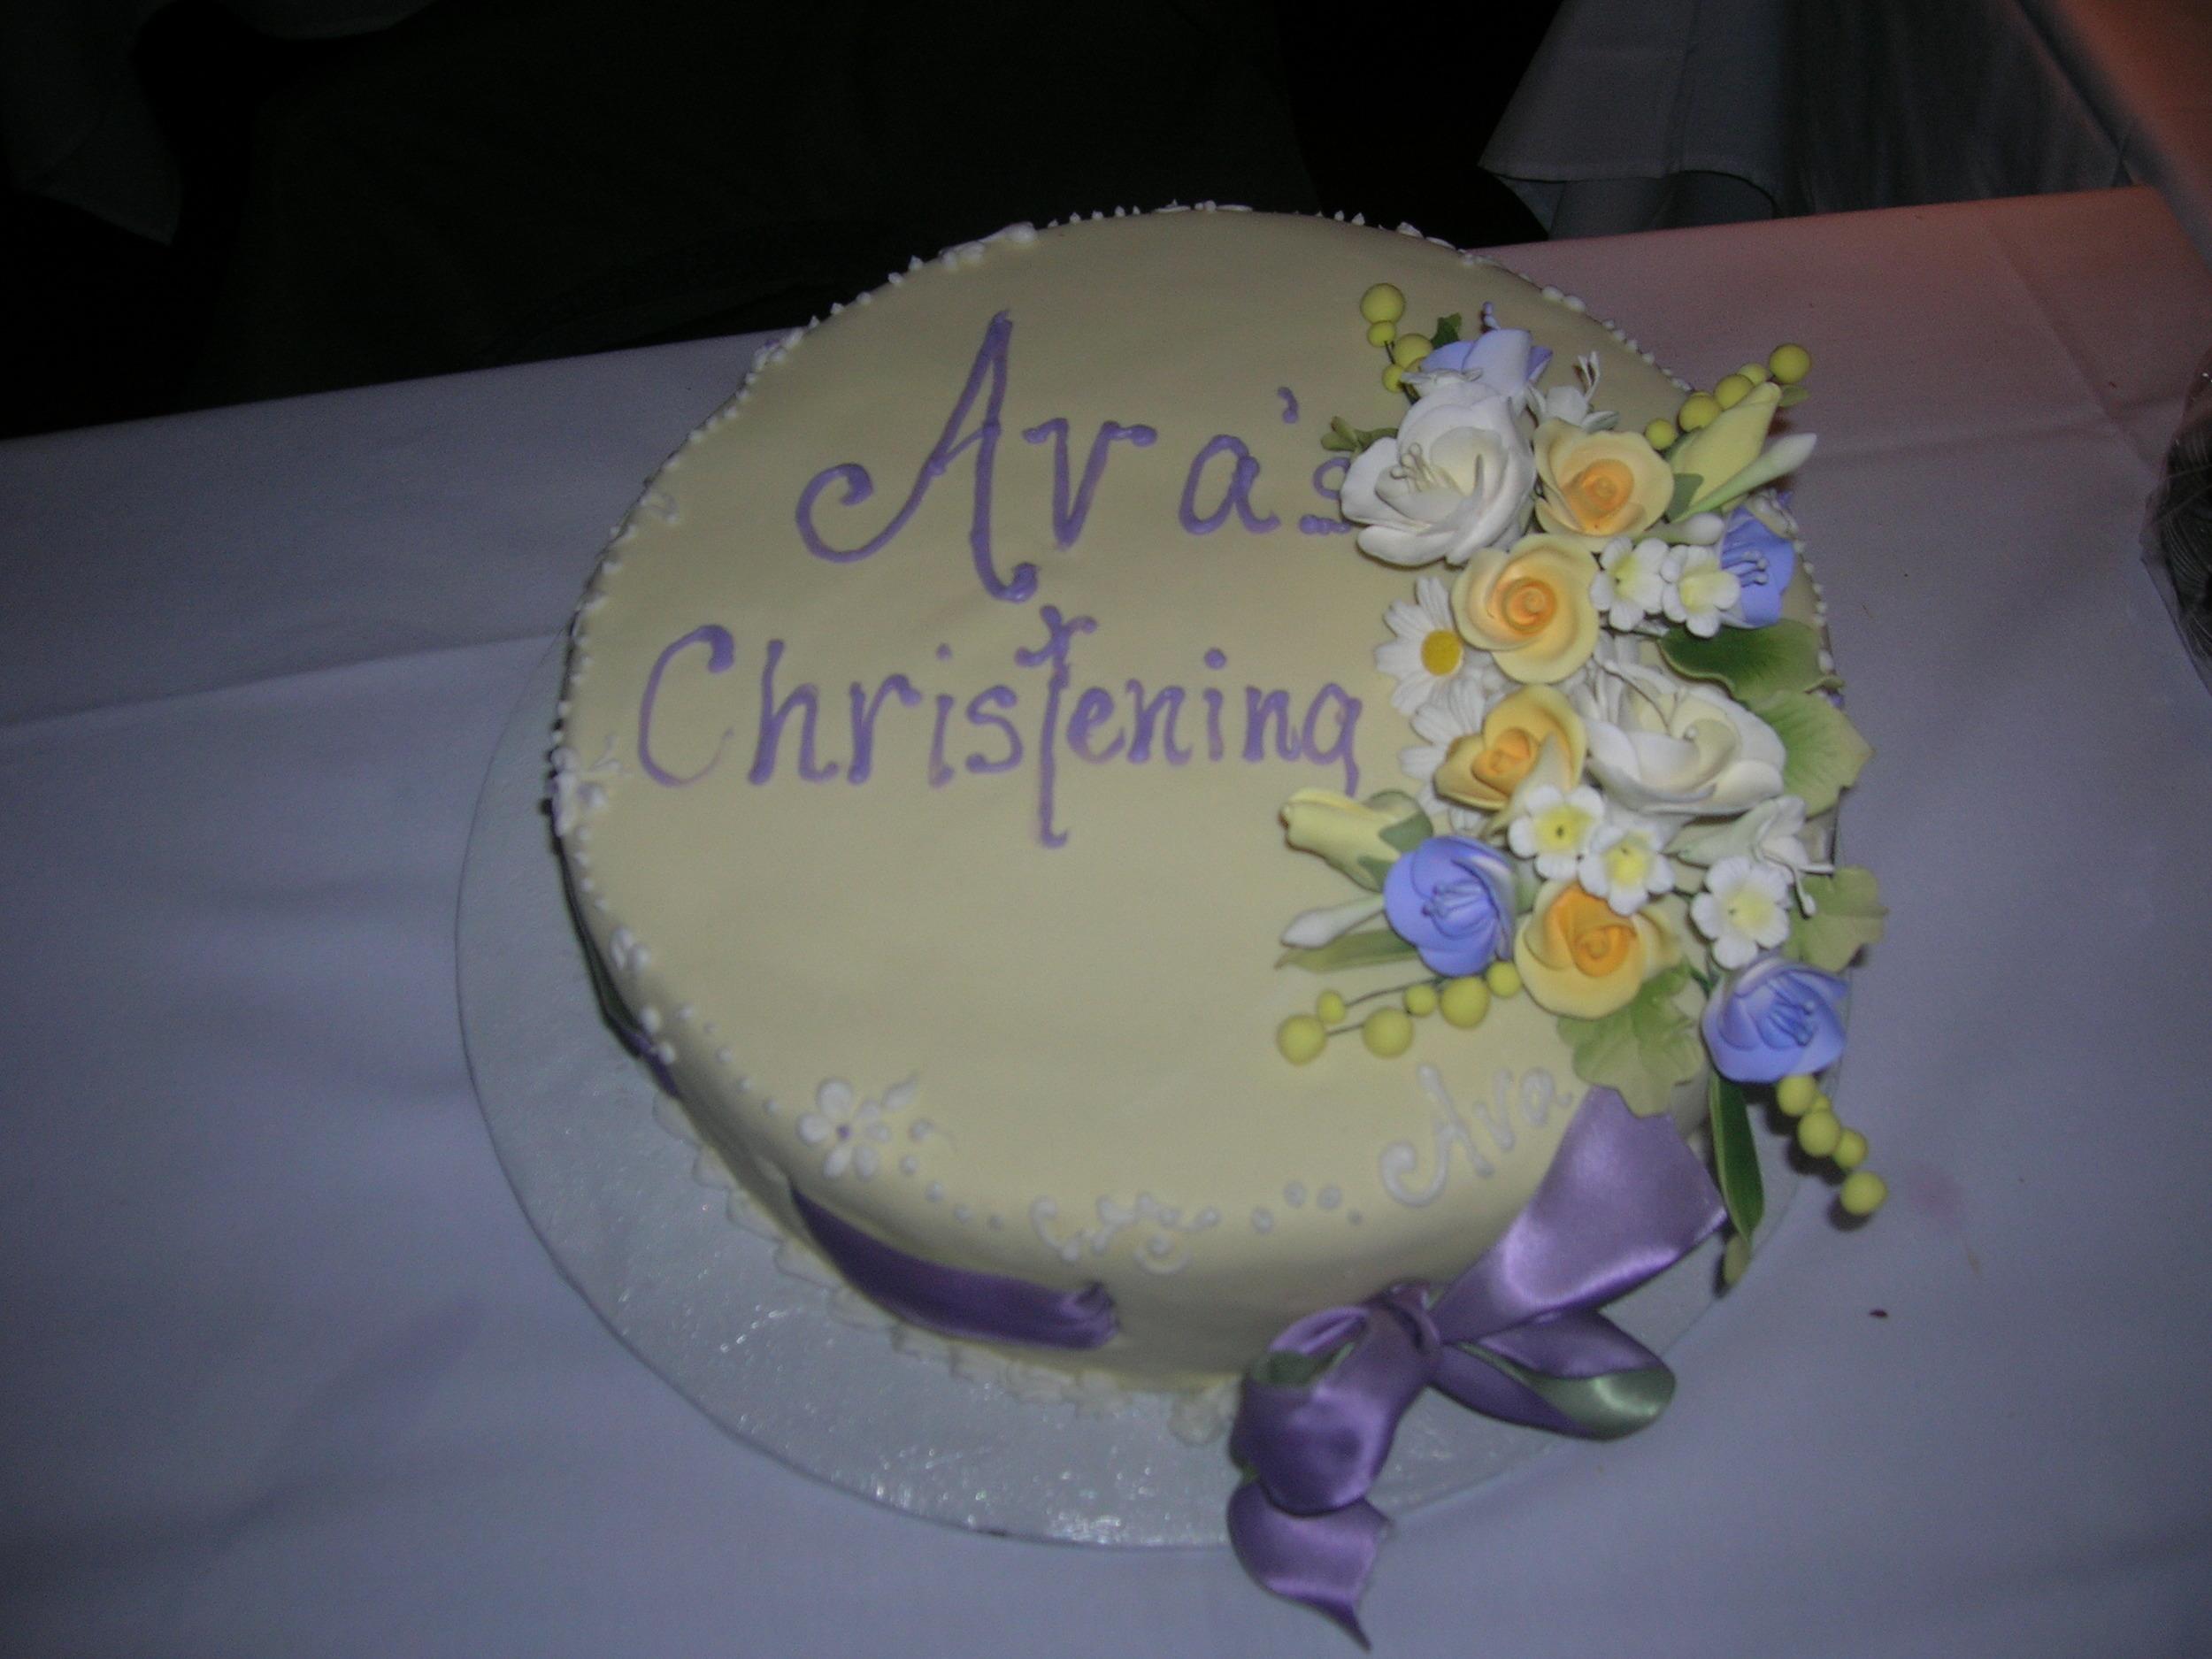 Ava Christening.JPG